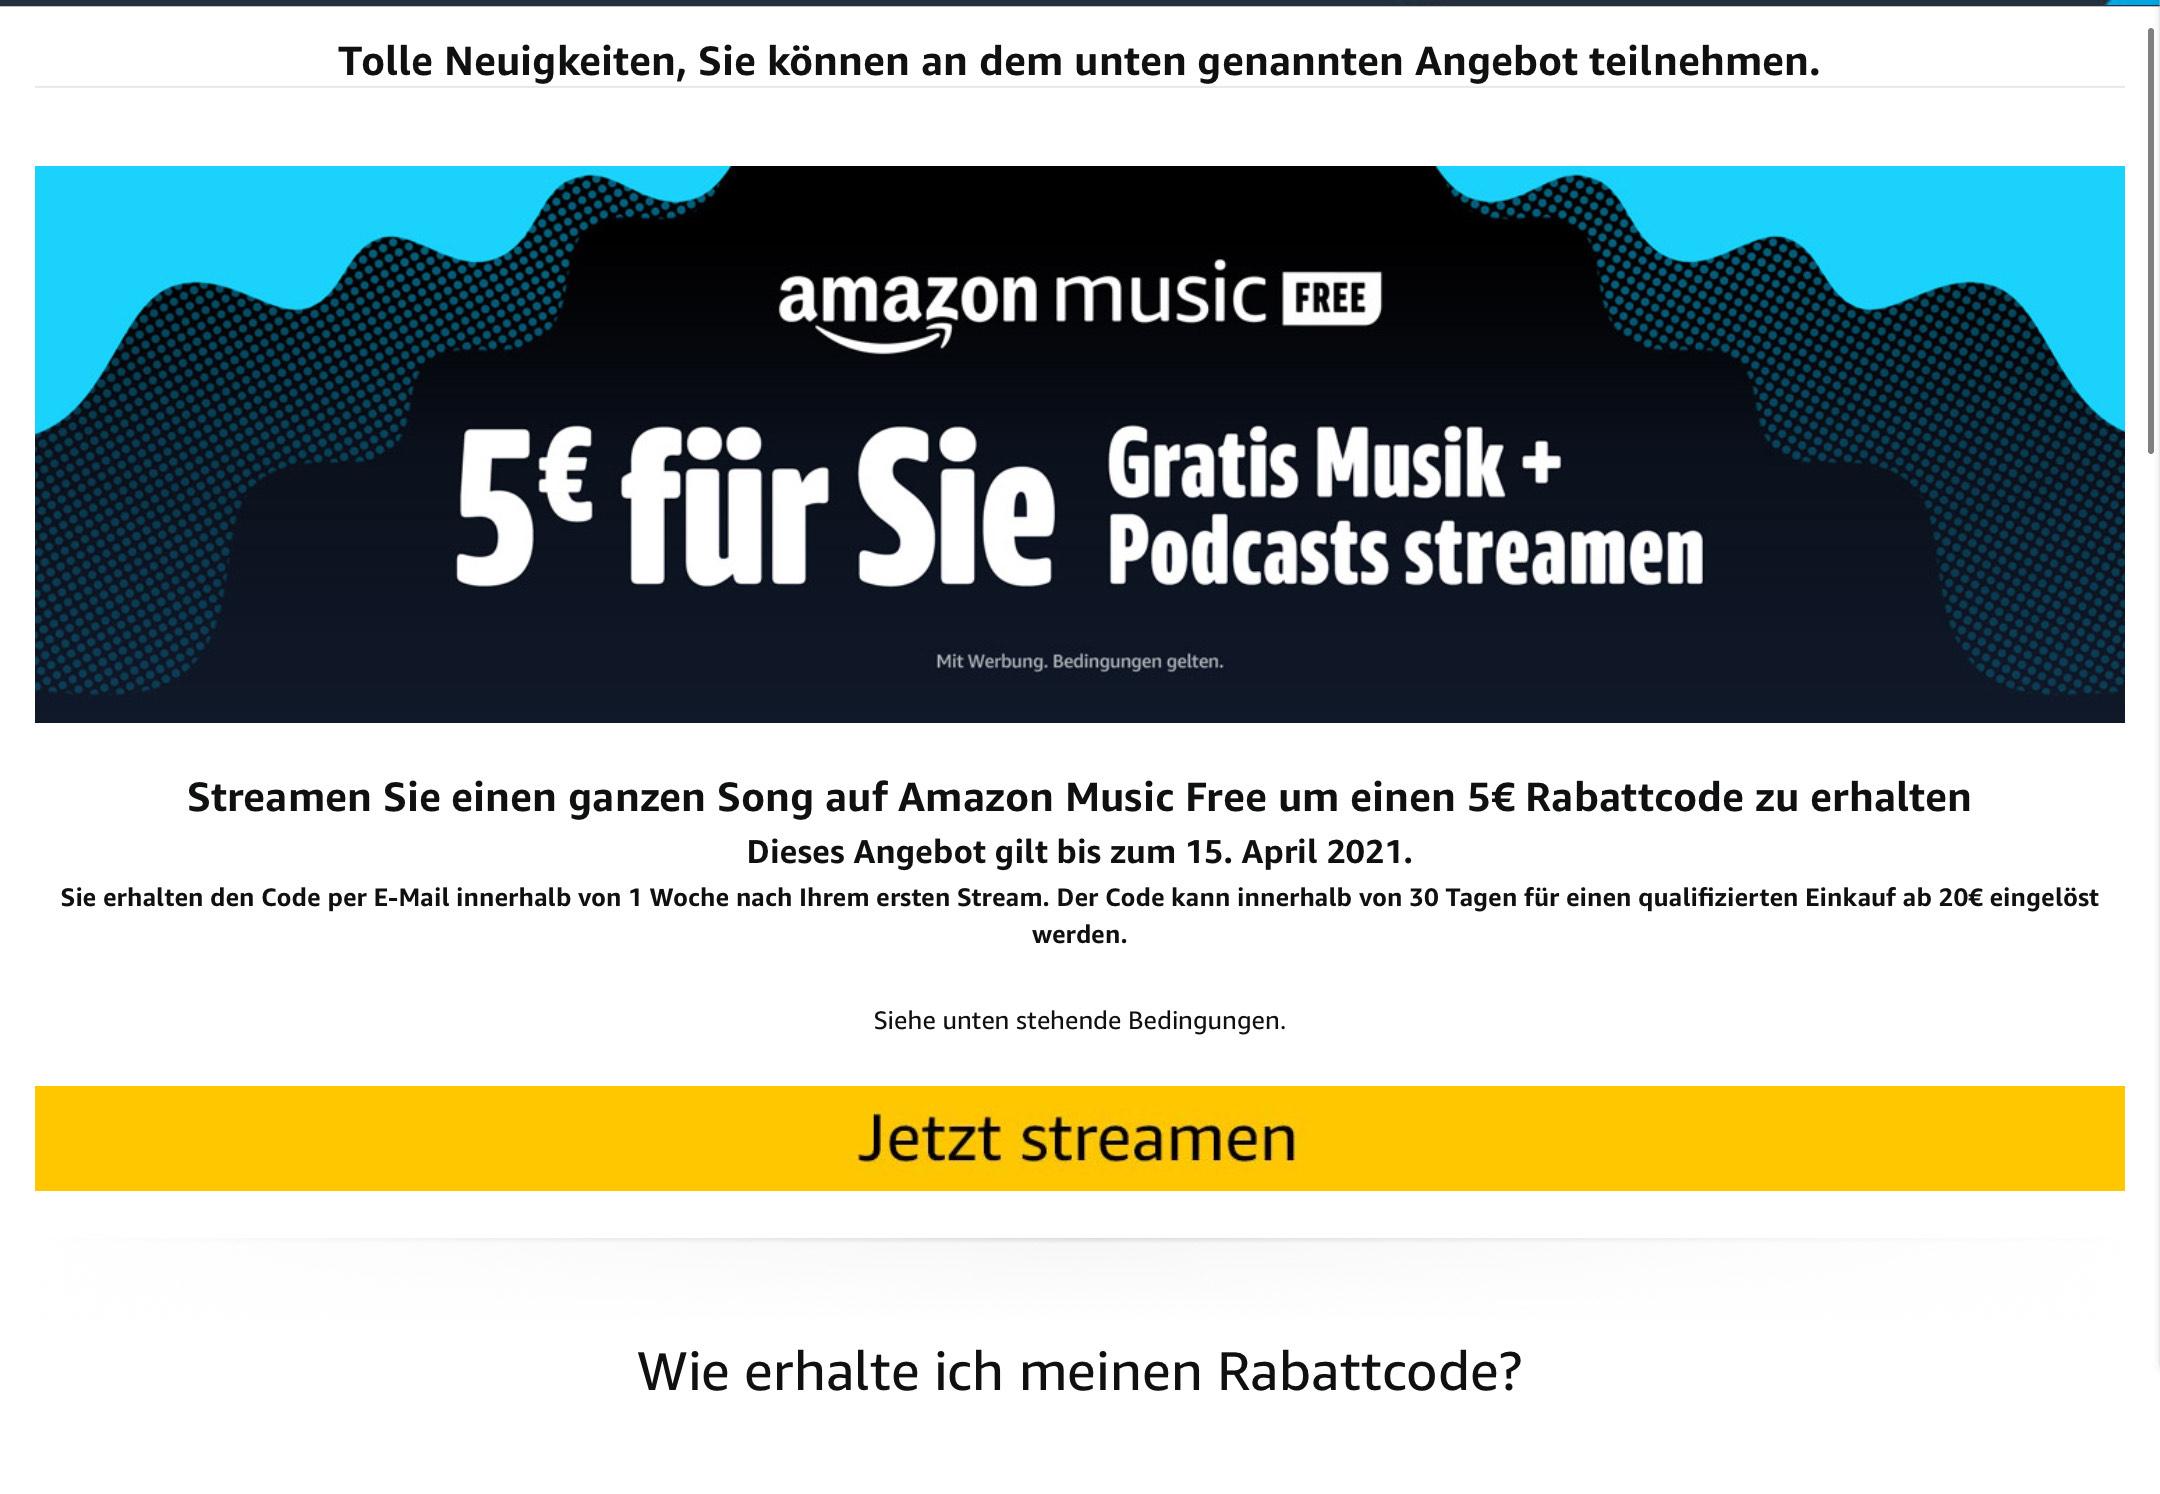 [PERSONALISIERT] [Nicht-Prime] 5€ Amazon Gutschein für Stream eines Songs/Podcasts